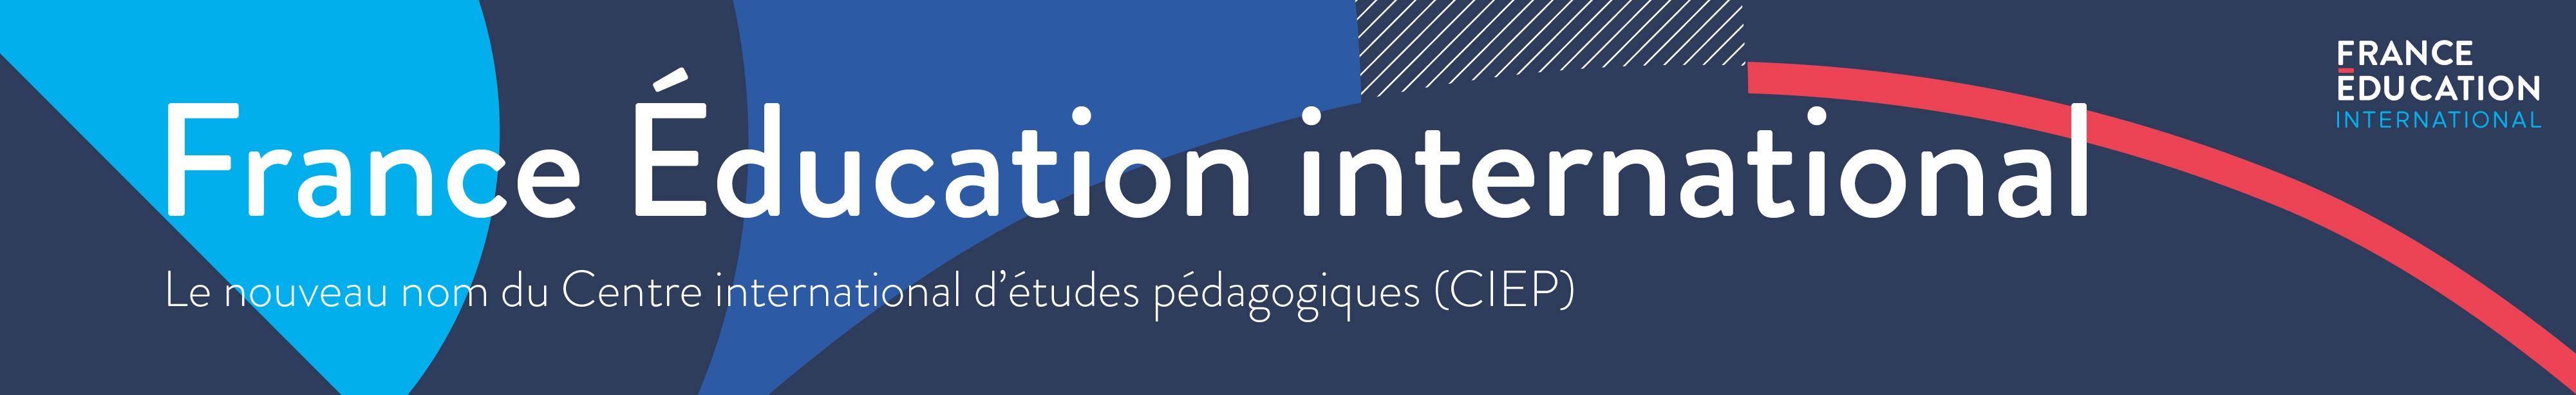 Centre international d'études pédagogiques (CIEP) | LinkedIn